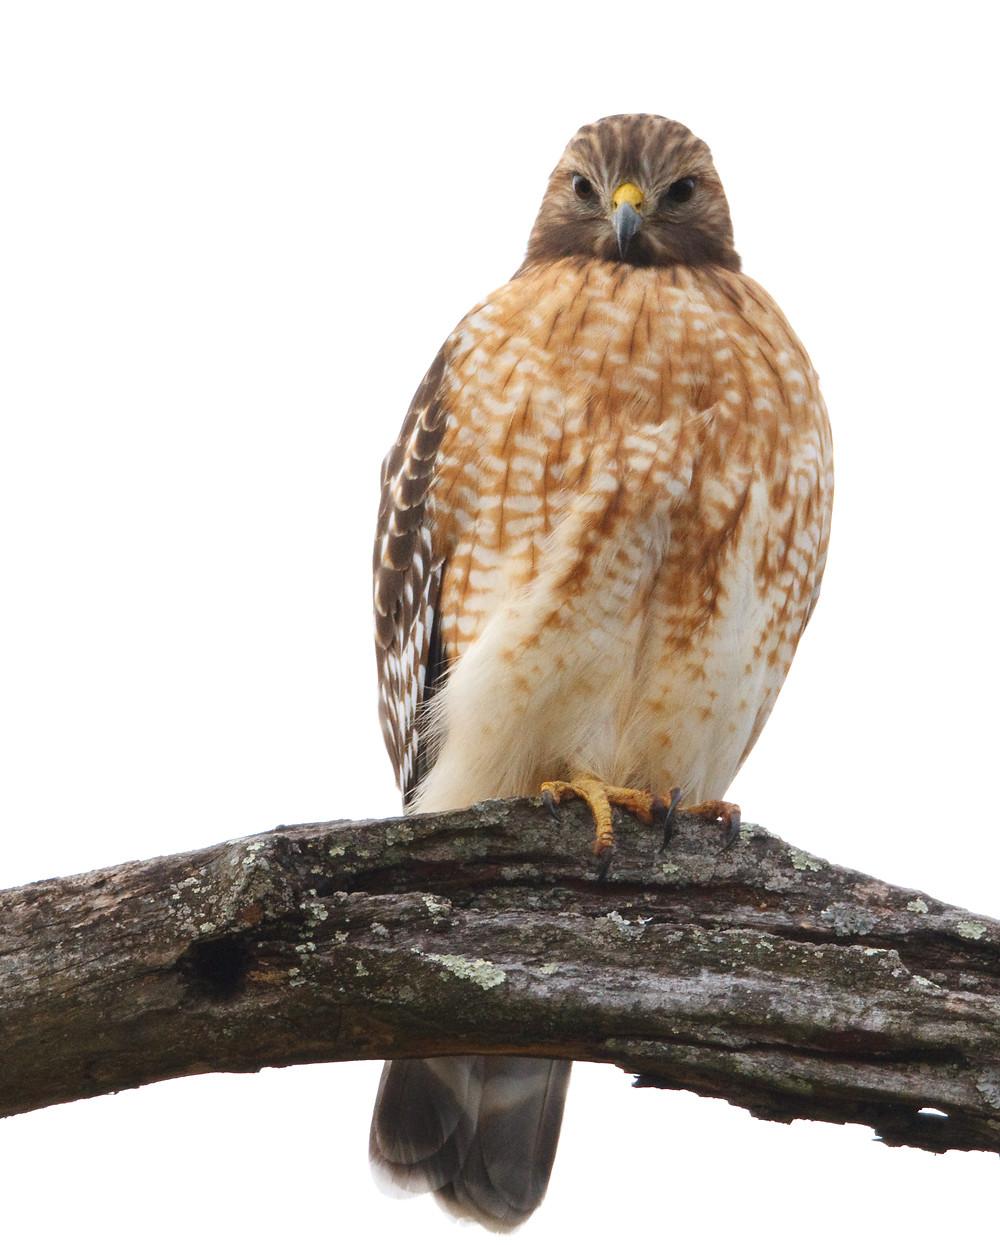 Red-shouldered Hawk, Central Park in November 2012 by Deborah Allen